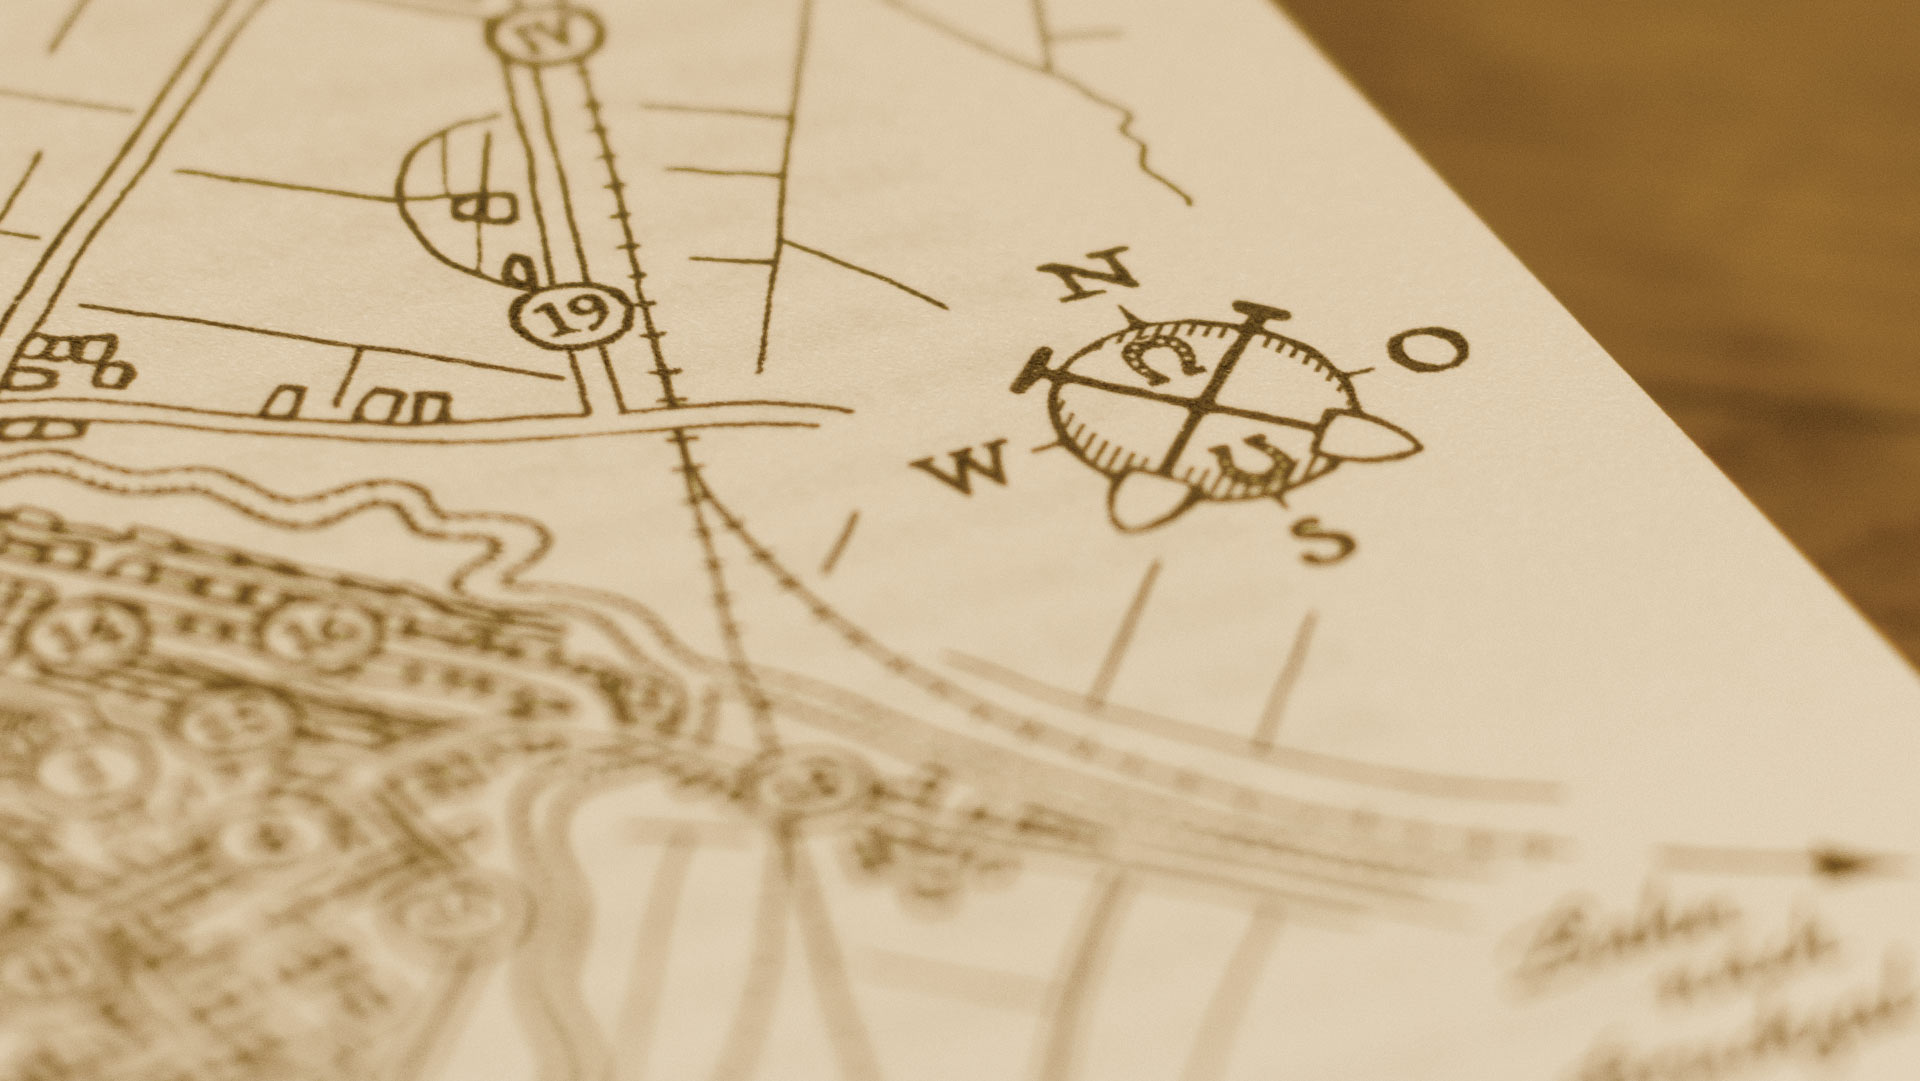 """Ausschnitt der illustrierten Dorfkarte des Buches """"Und doch ist es Heimat"""" von Jochen Metzger"""